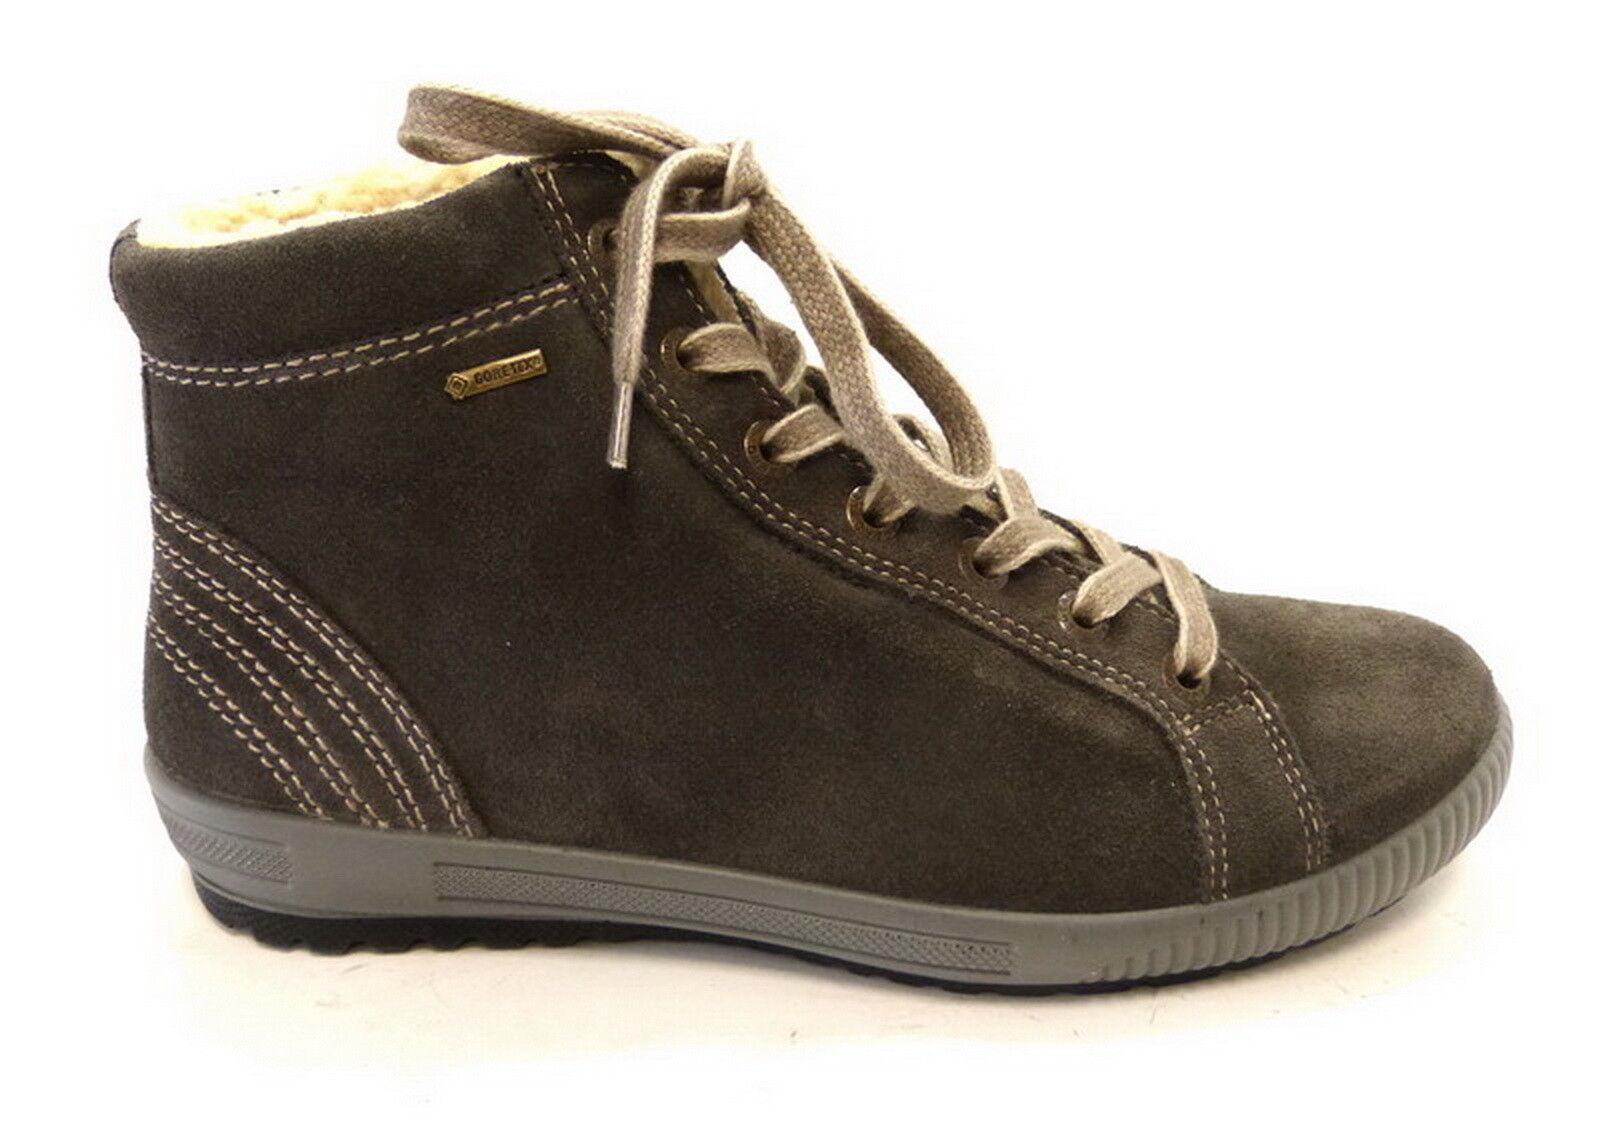 la vostra soddisfazione è il nostro obiettivo Legero scarpe da ginnastica Tanaro Tanaro Tanaro Ematite Grigio G LACCI BARCA Goretex Impermeabile 00619 88  shopping online e negozio di moda